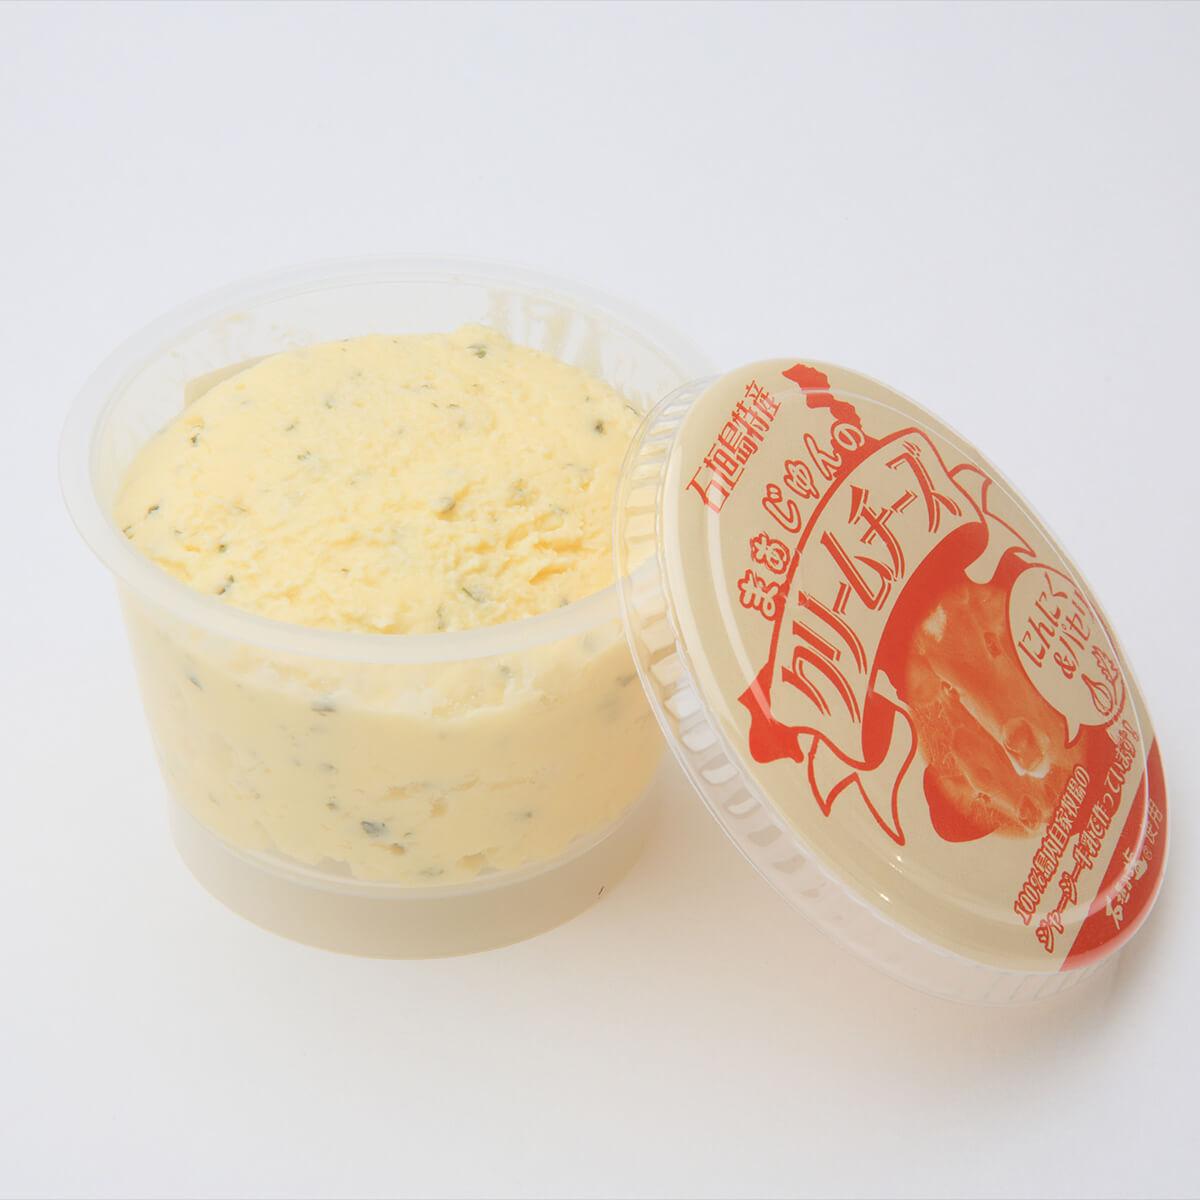 クリームチーズ(にんにく&パセリ)